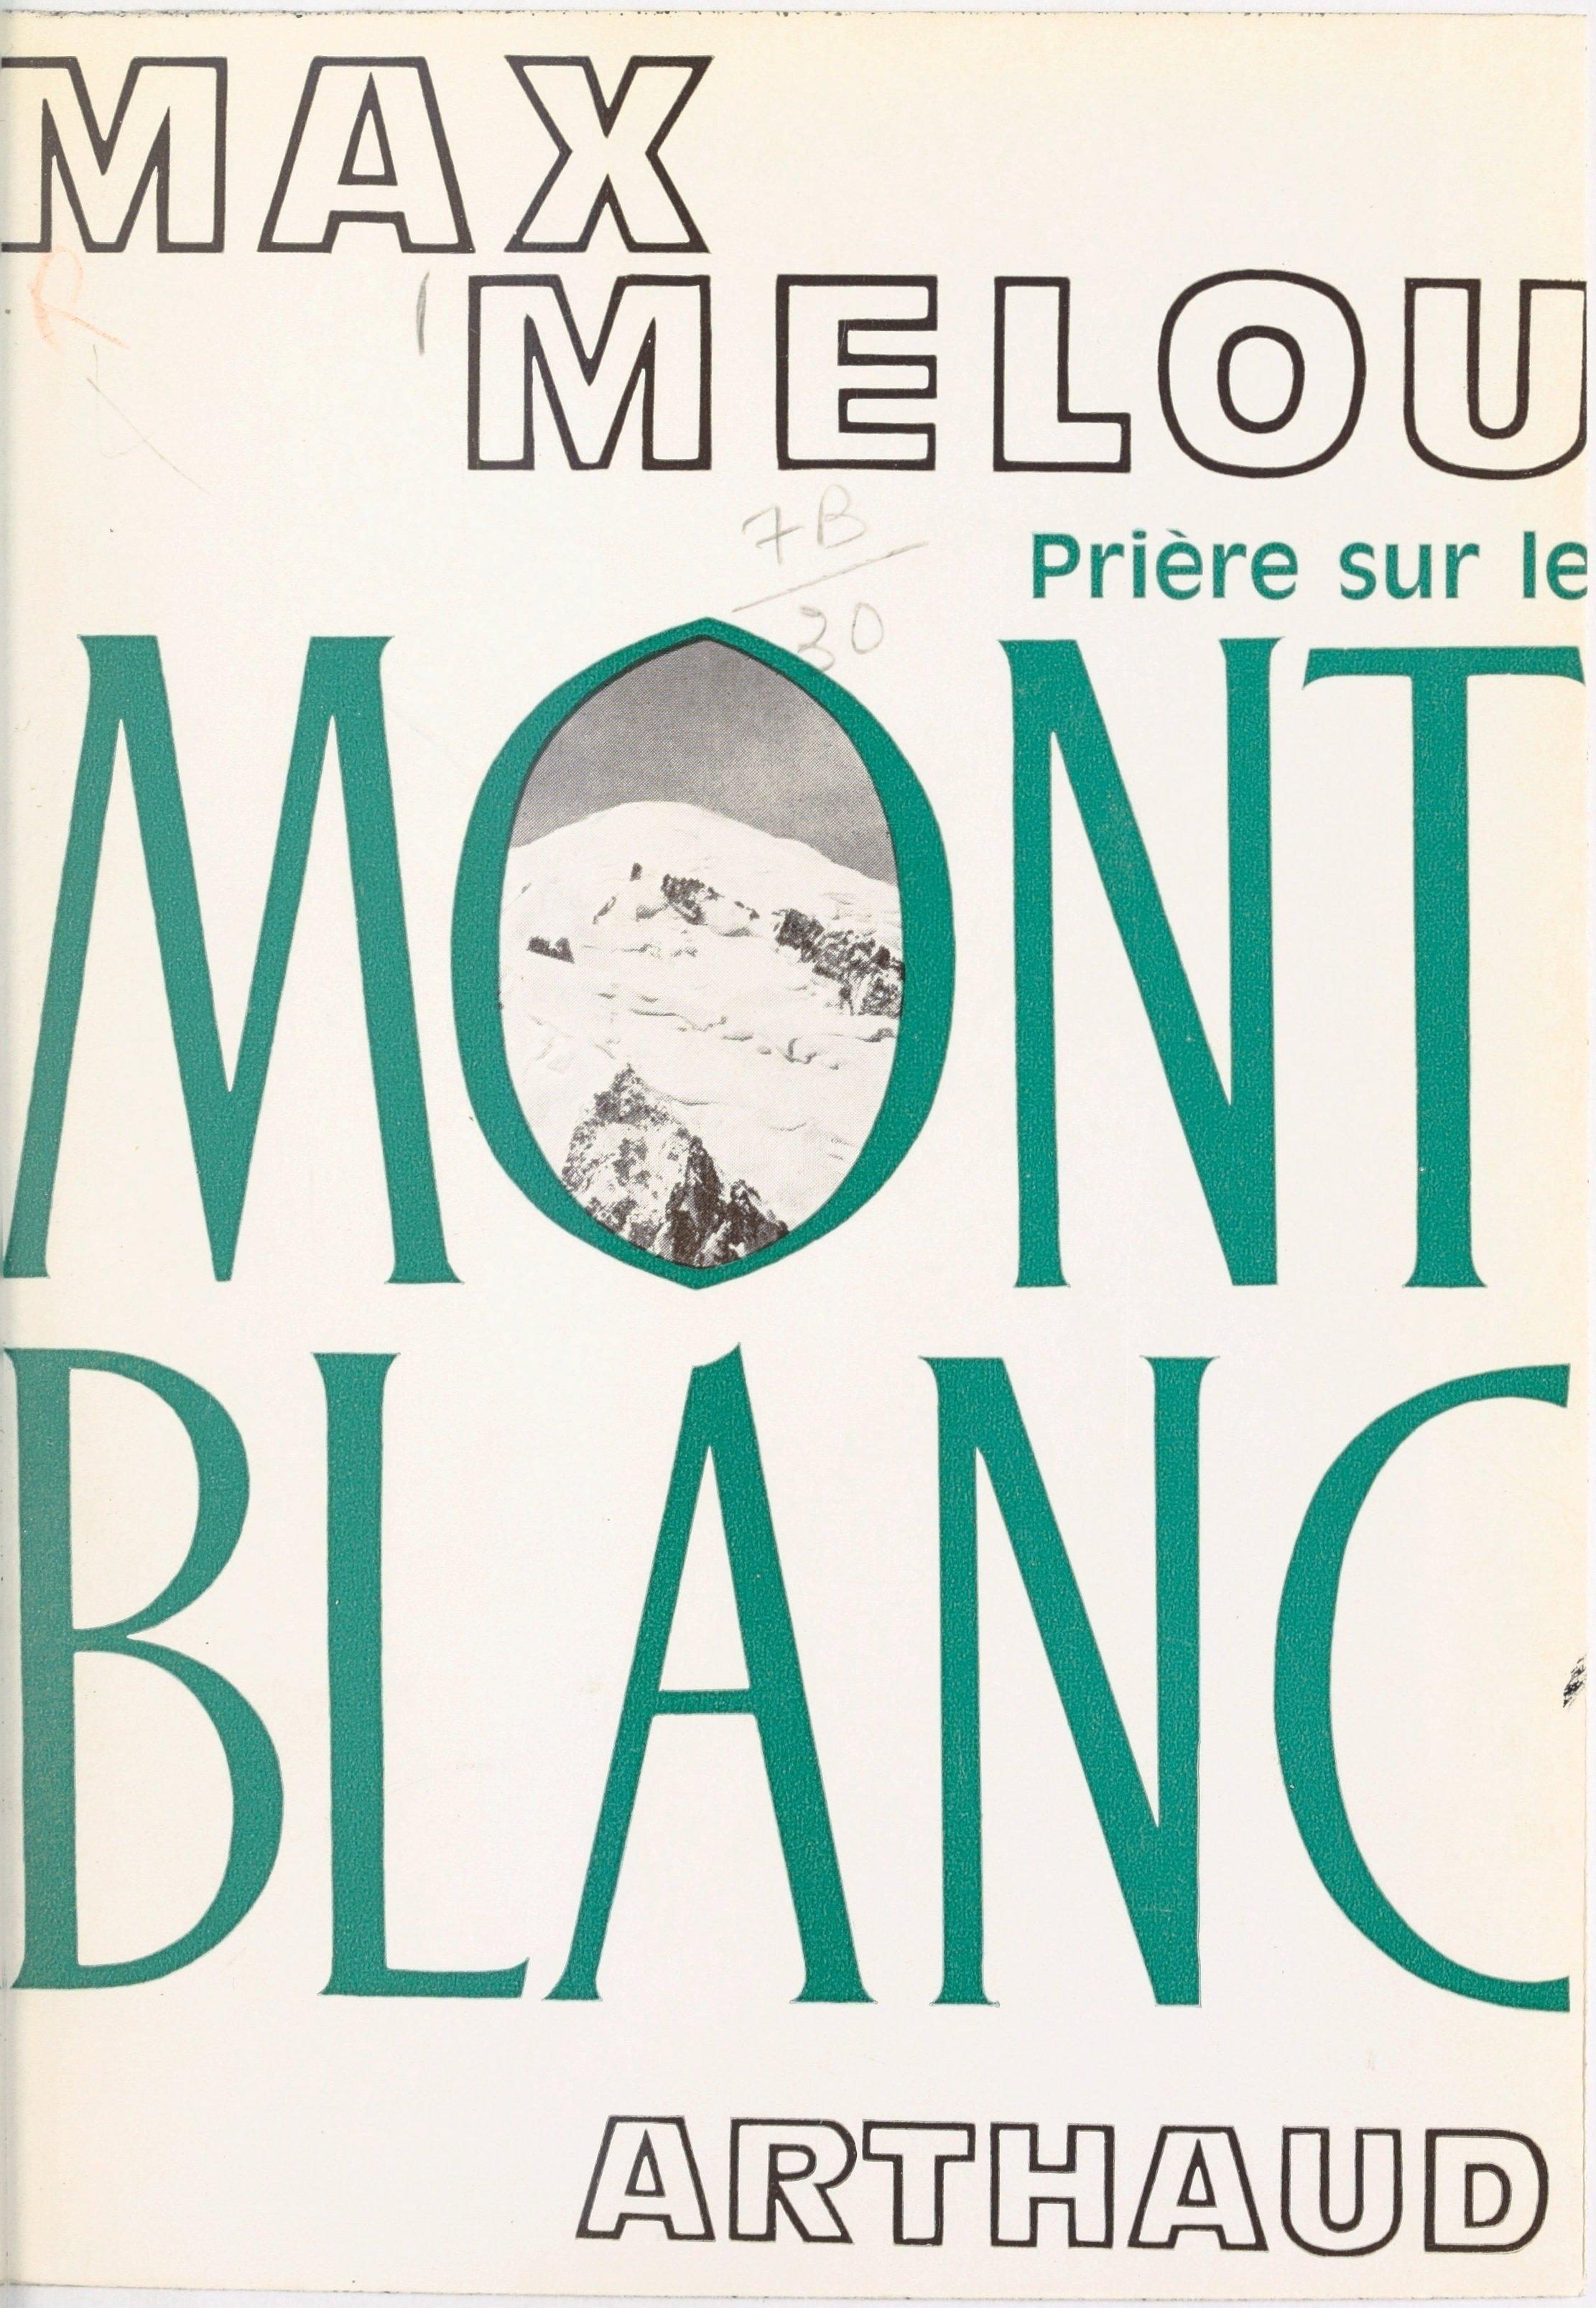 Prière sur le Mont Blanc